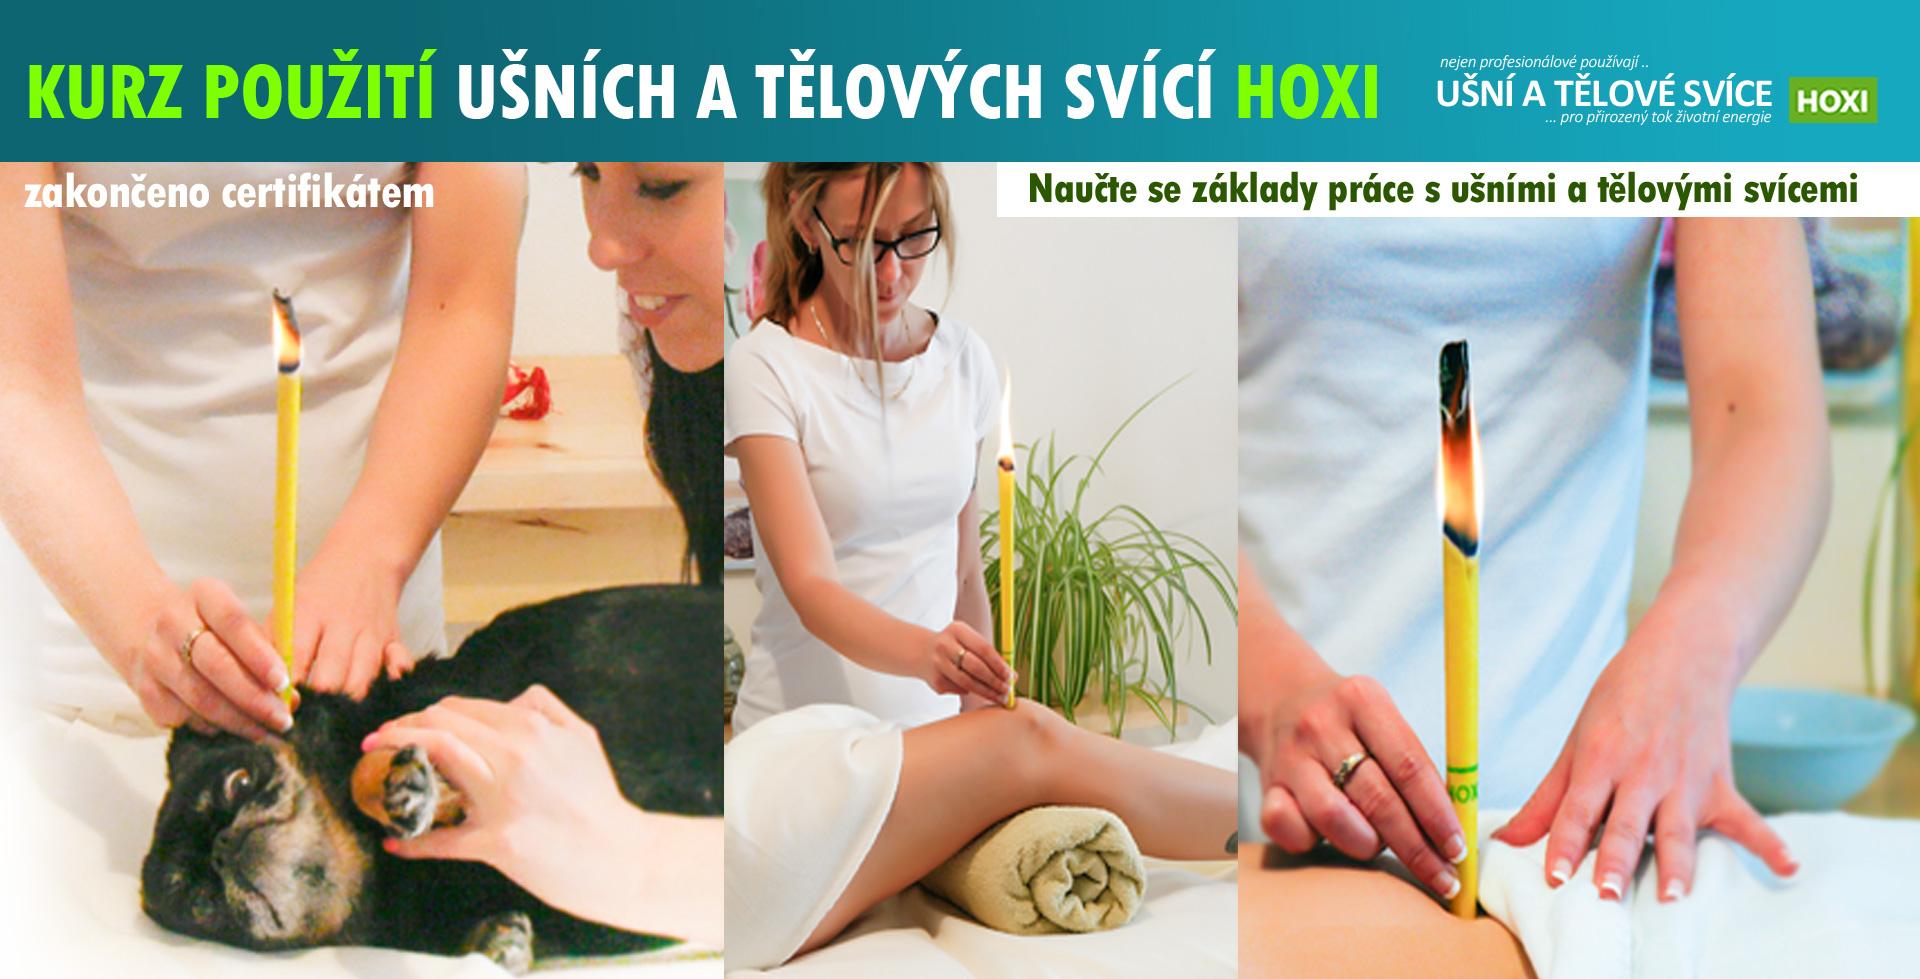 HOXI-Kurz použití ušních a tělových svící Hoxi